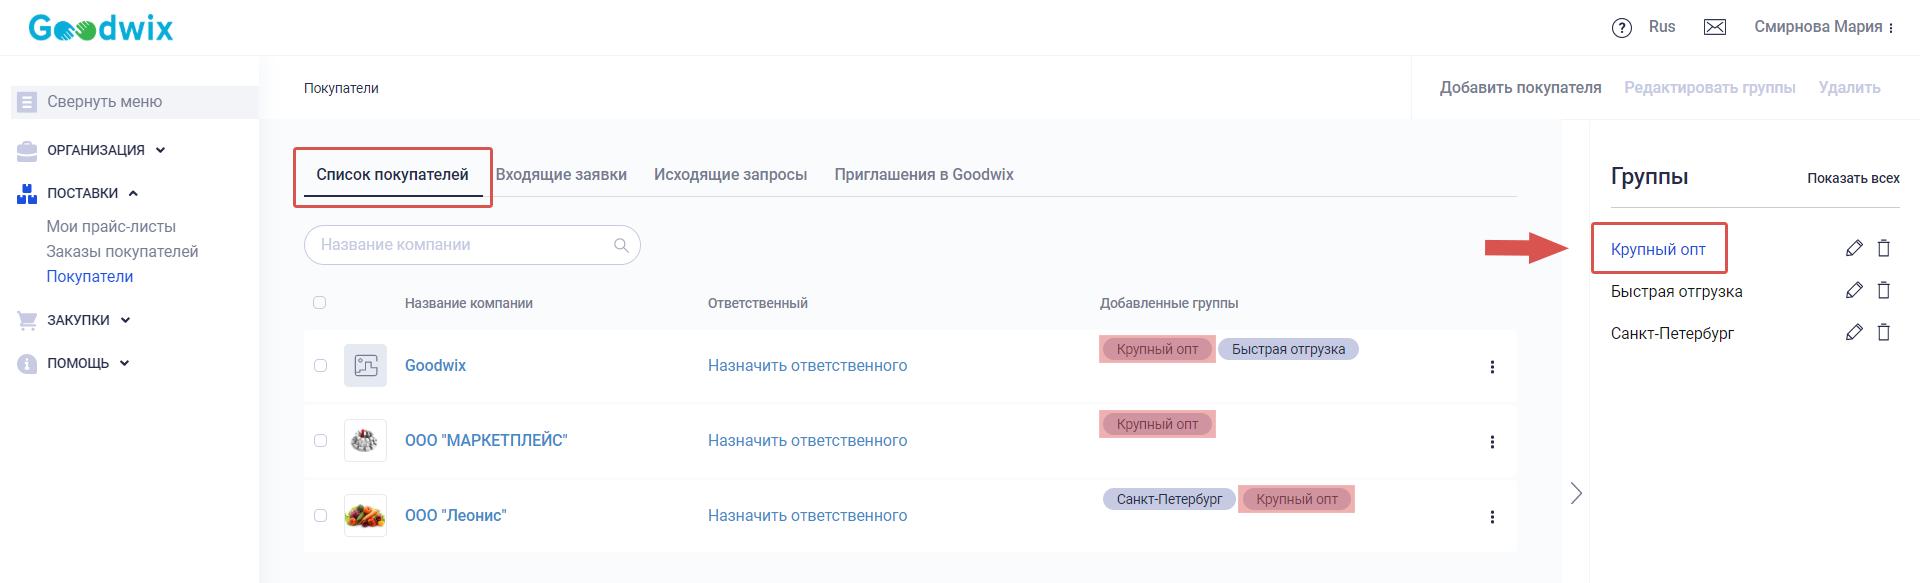 Фильтрация сегментов покупателей_Руководство по работе с покупателями